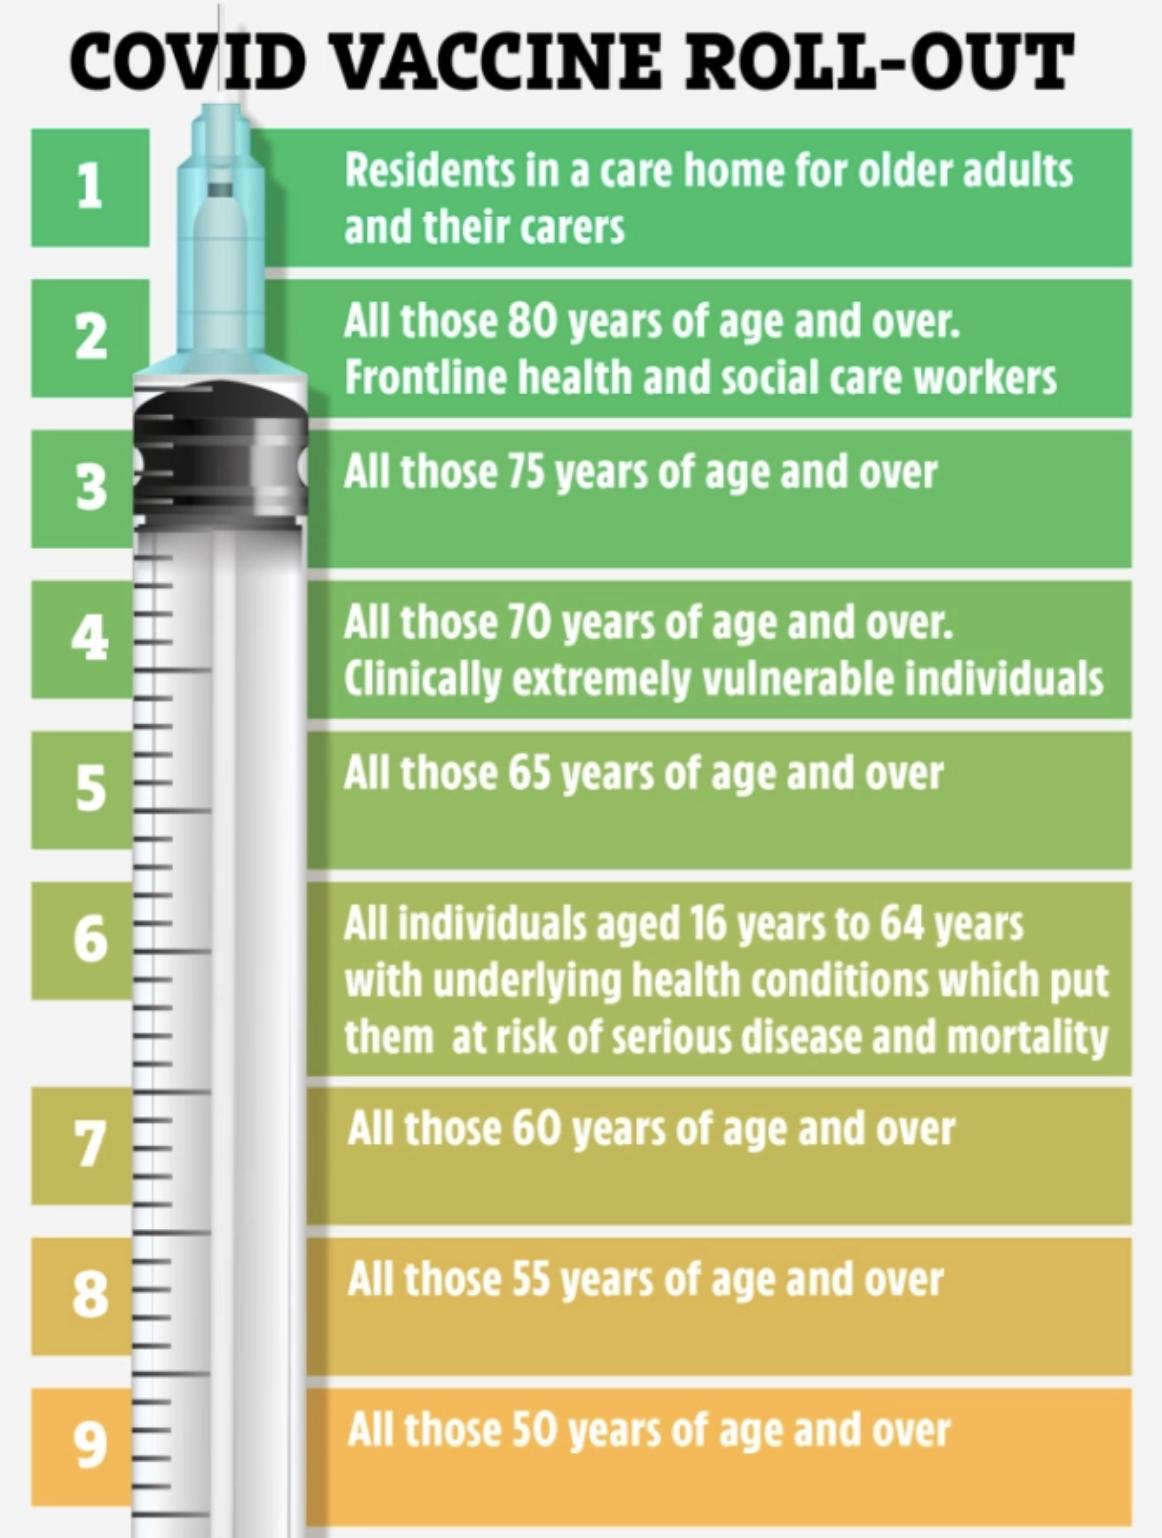 O governo afirma que está prestes a vacinar os mais vulneráveis até 15 de fevereiro